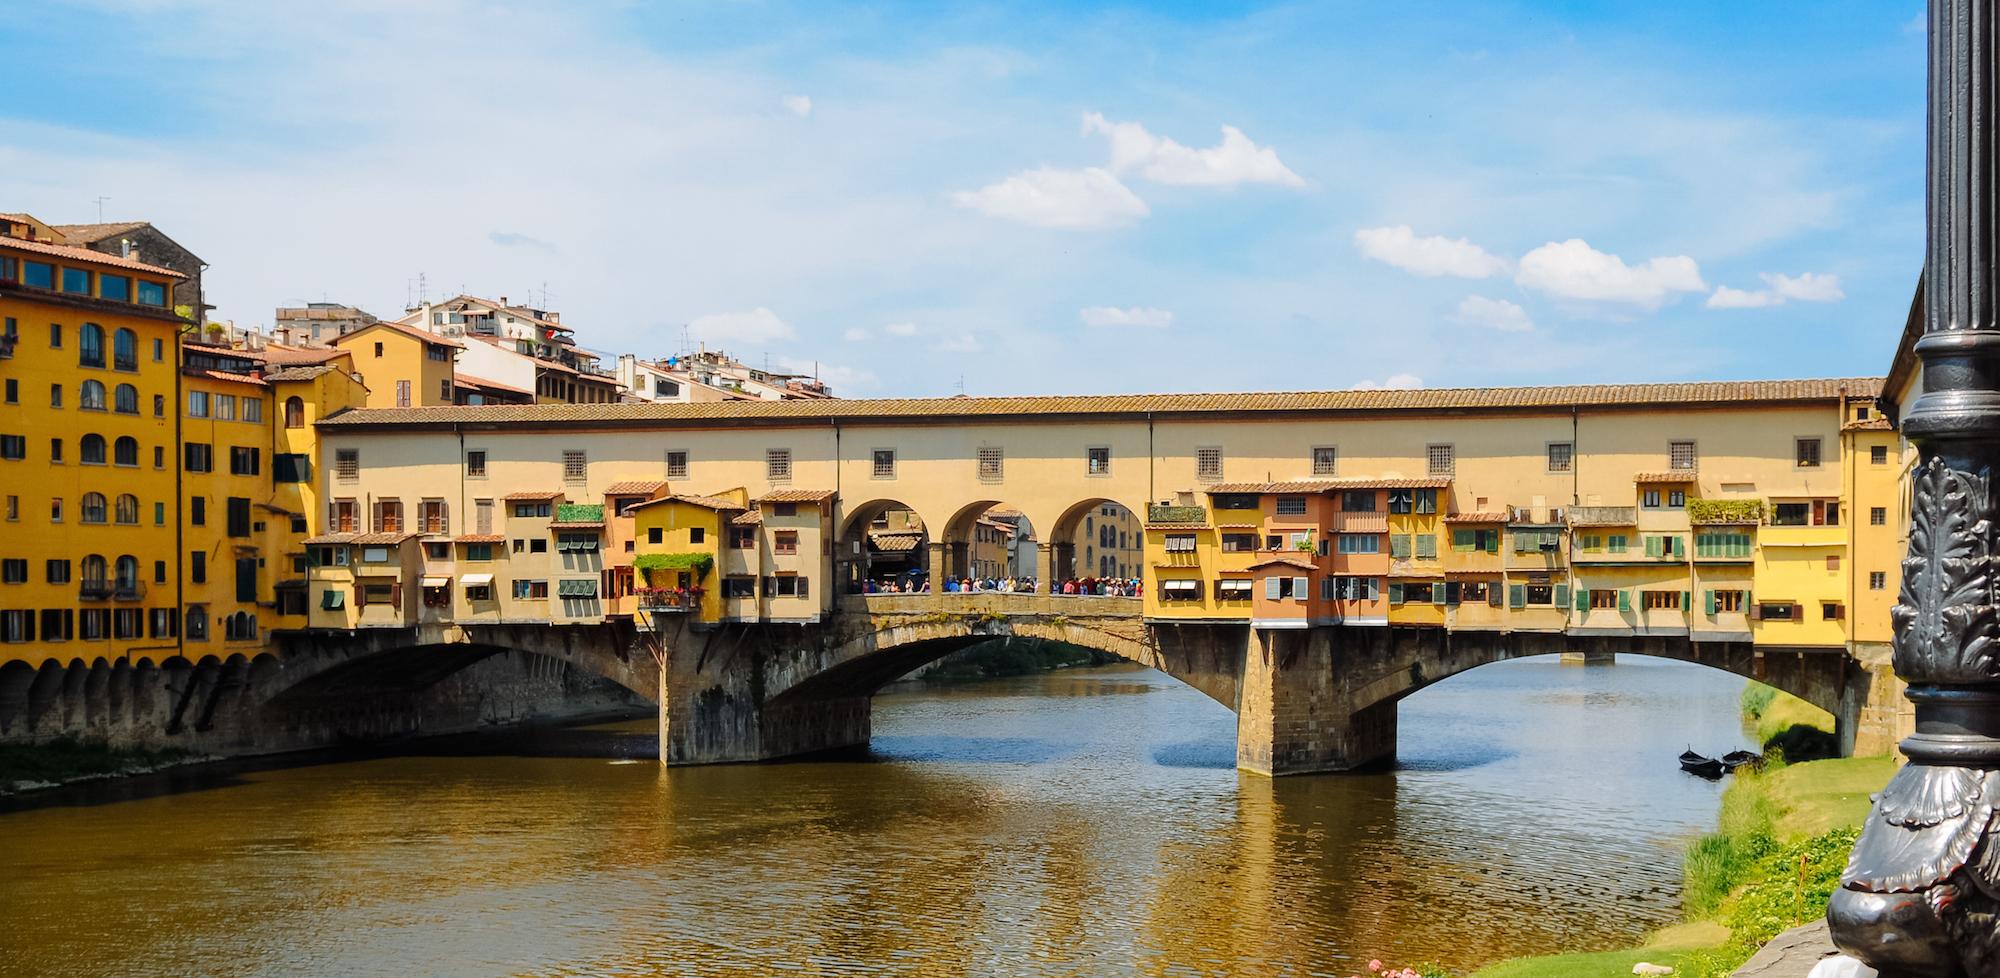 Ponte Vecchio sml